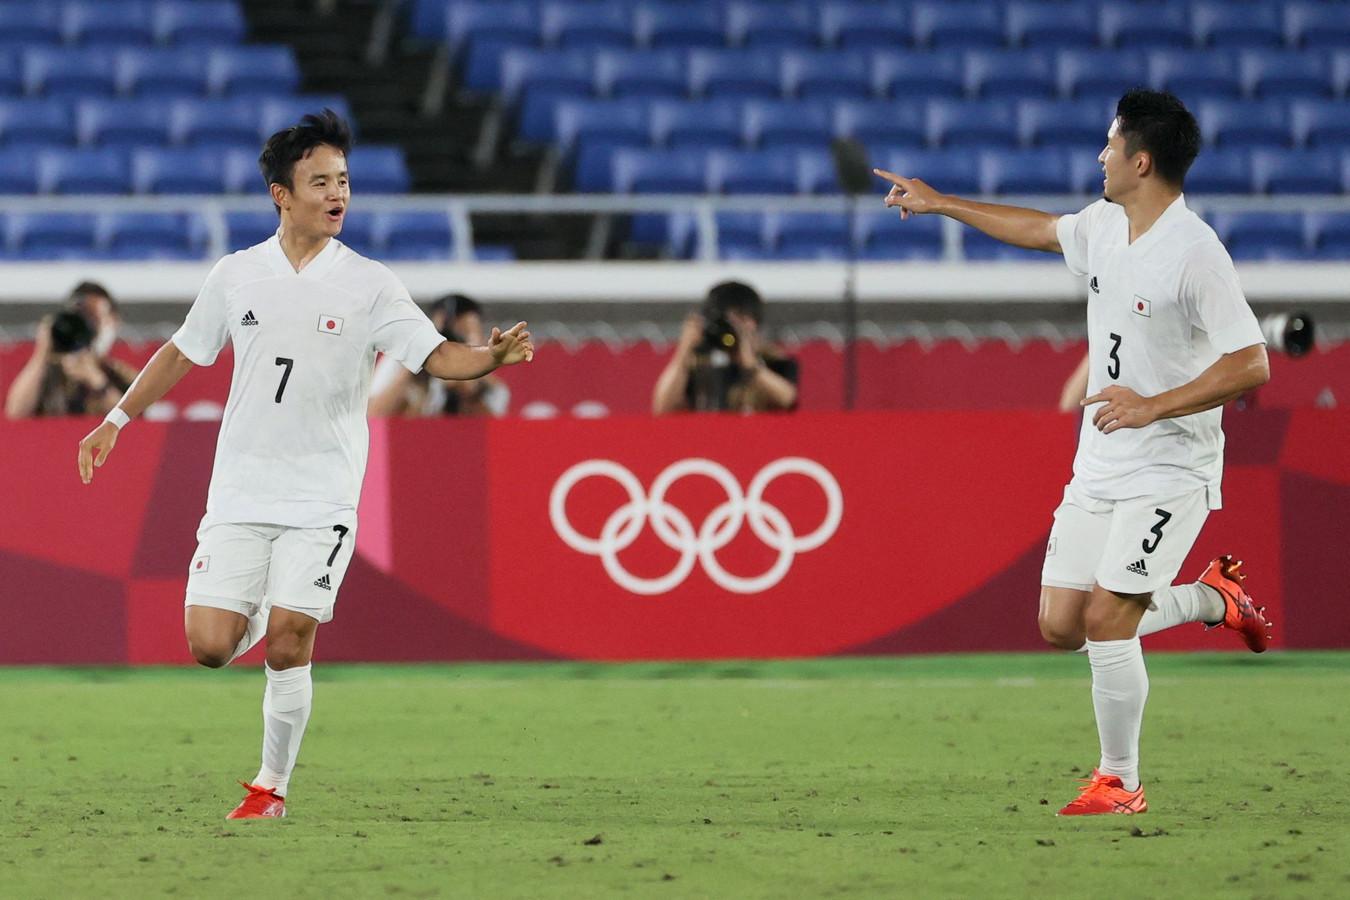 Doelpuntenmaker Takefusa Kubo en Yuta Nakayama (r) vieren een doelpunt van Japan tegen Frankrijk.